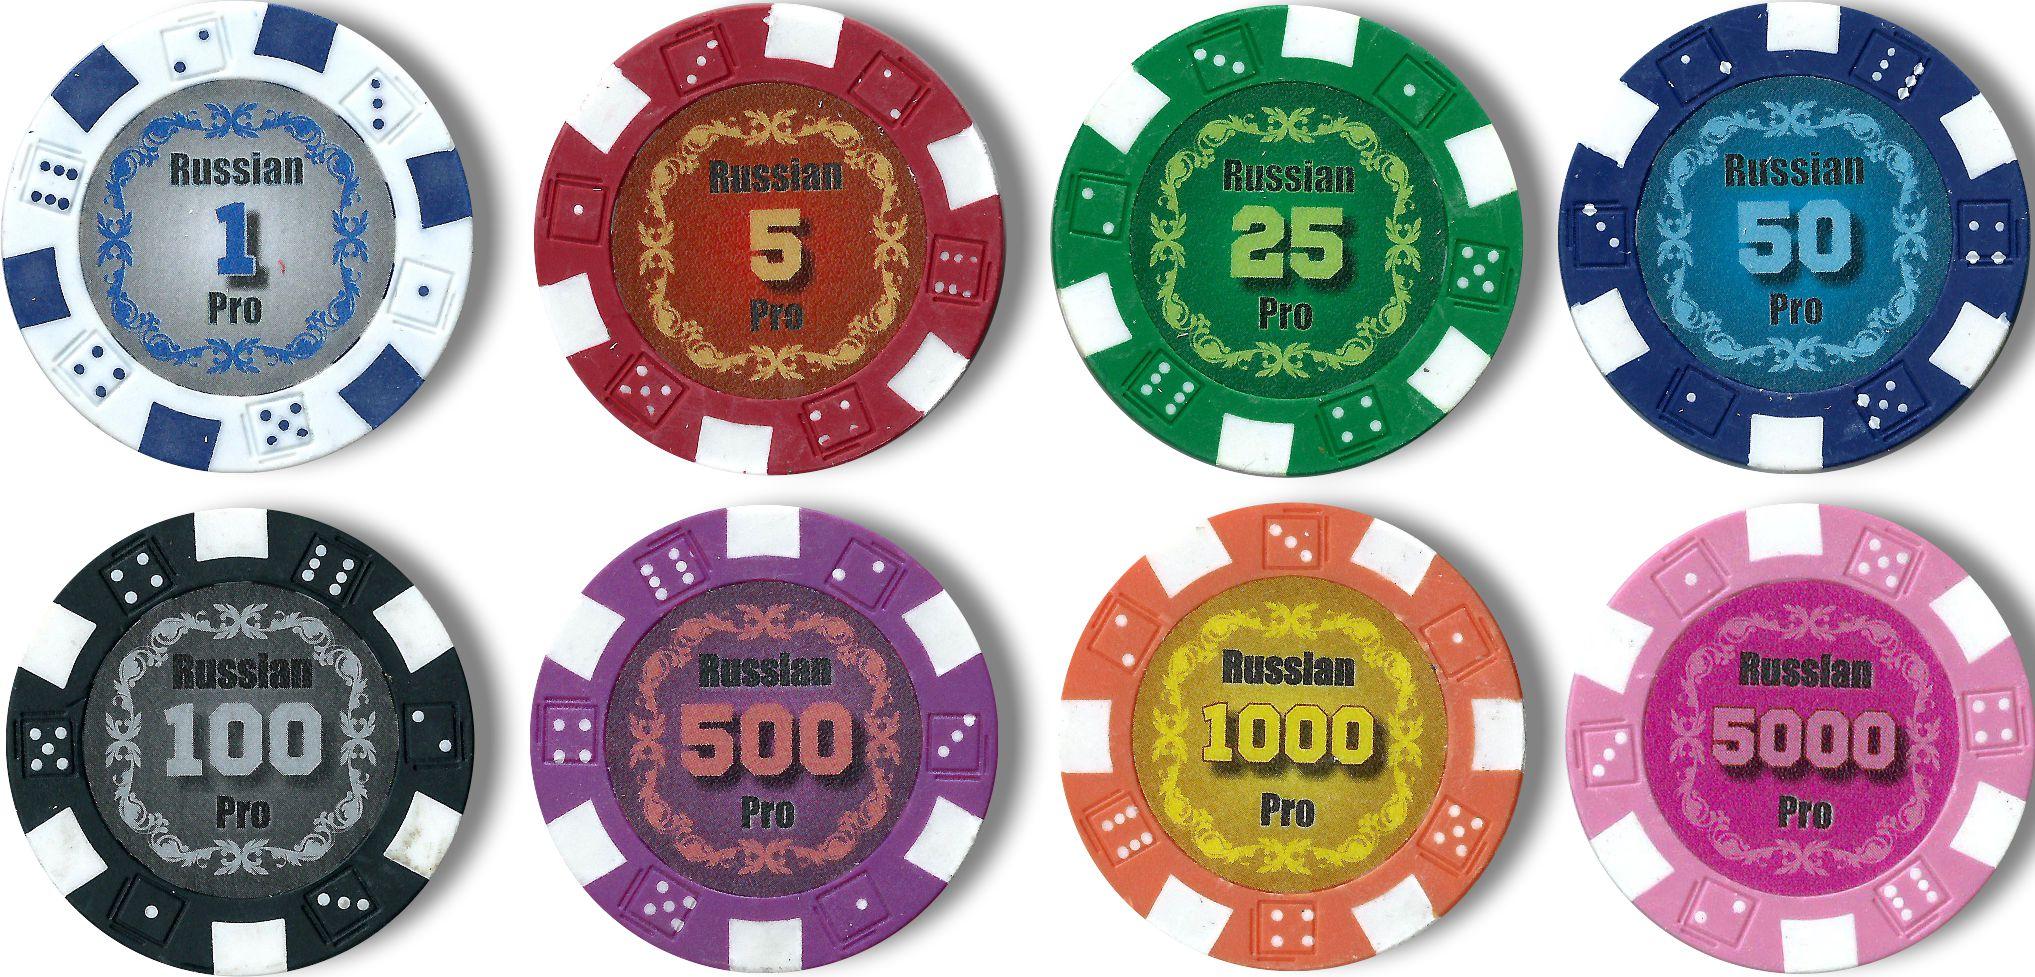 Фишки для казино цена покер казино usa